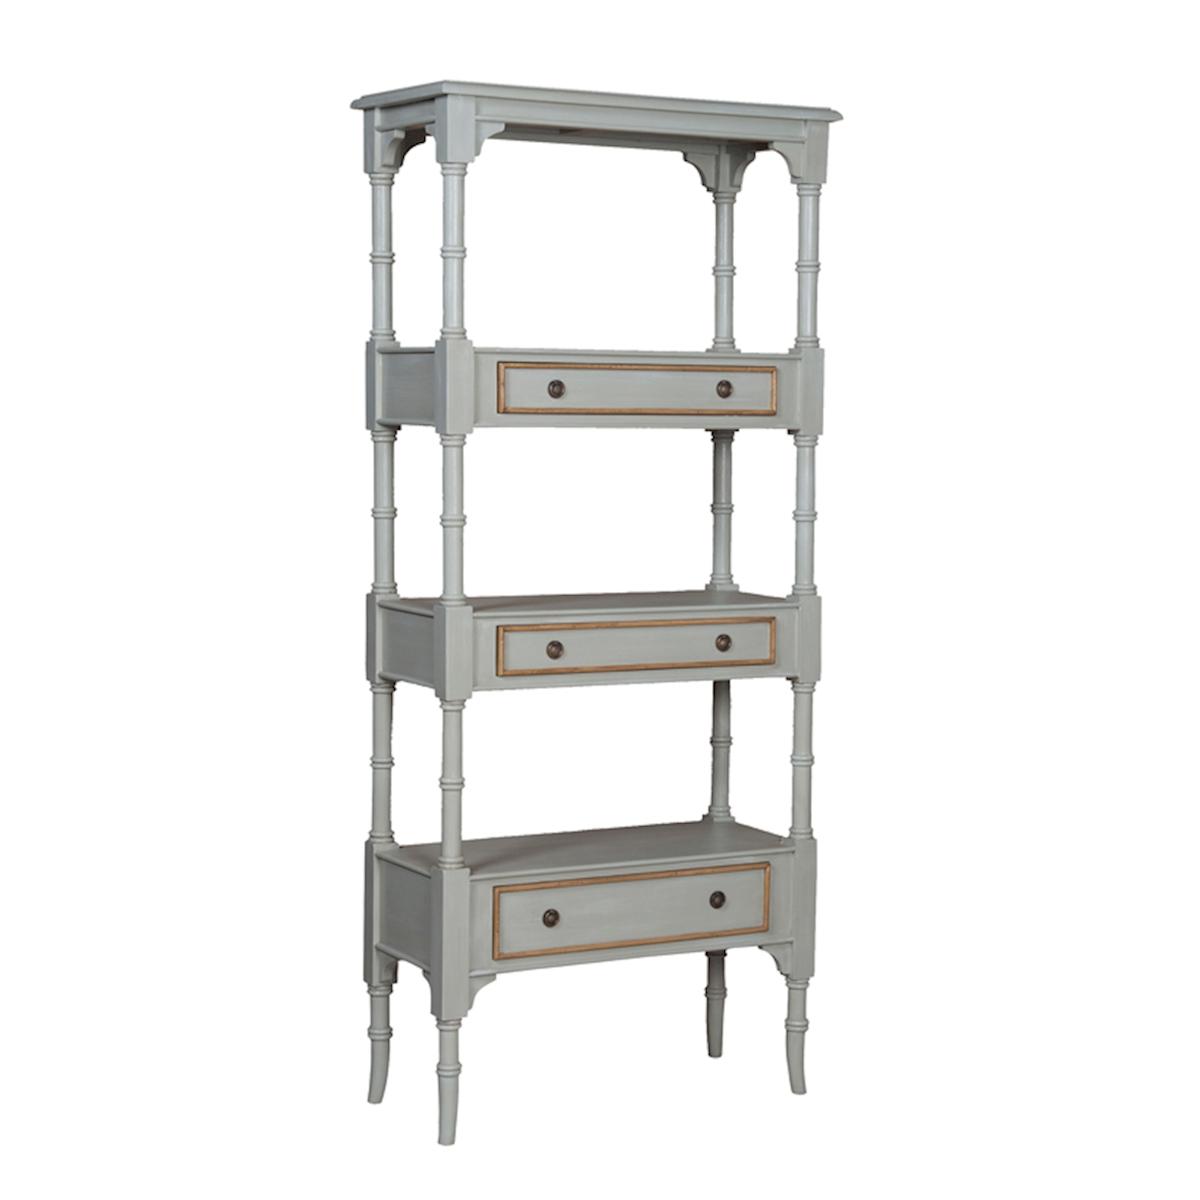 Heritage Display Shelf 624507 | ELK Home